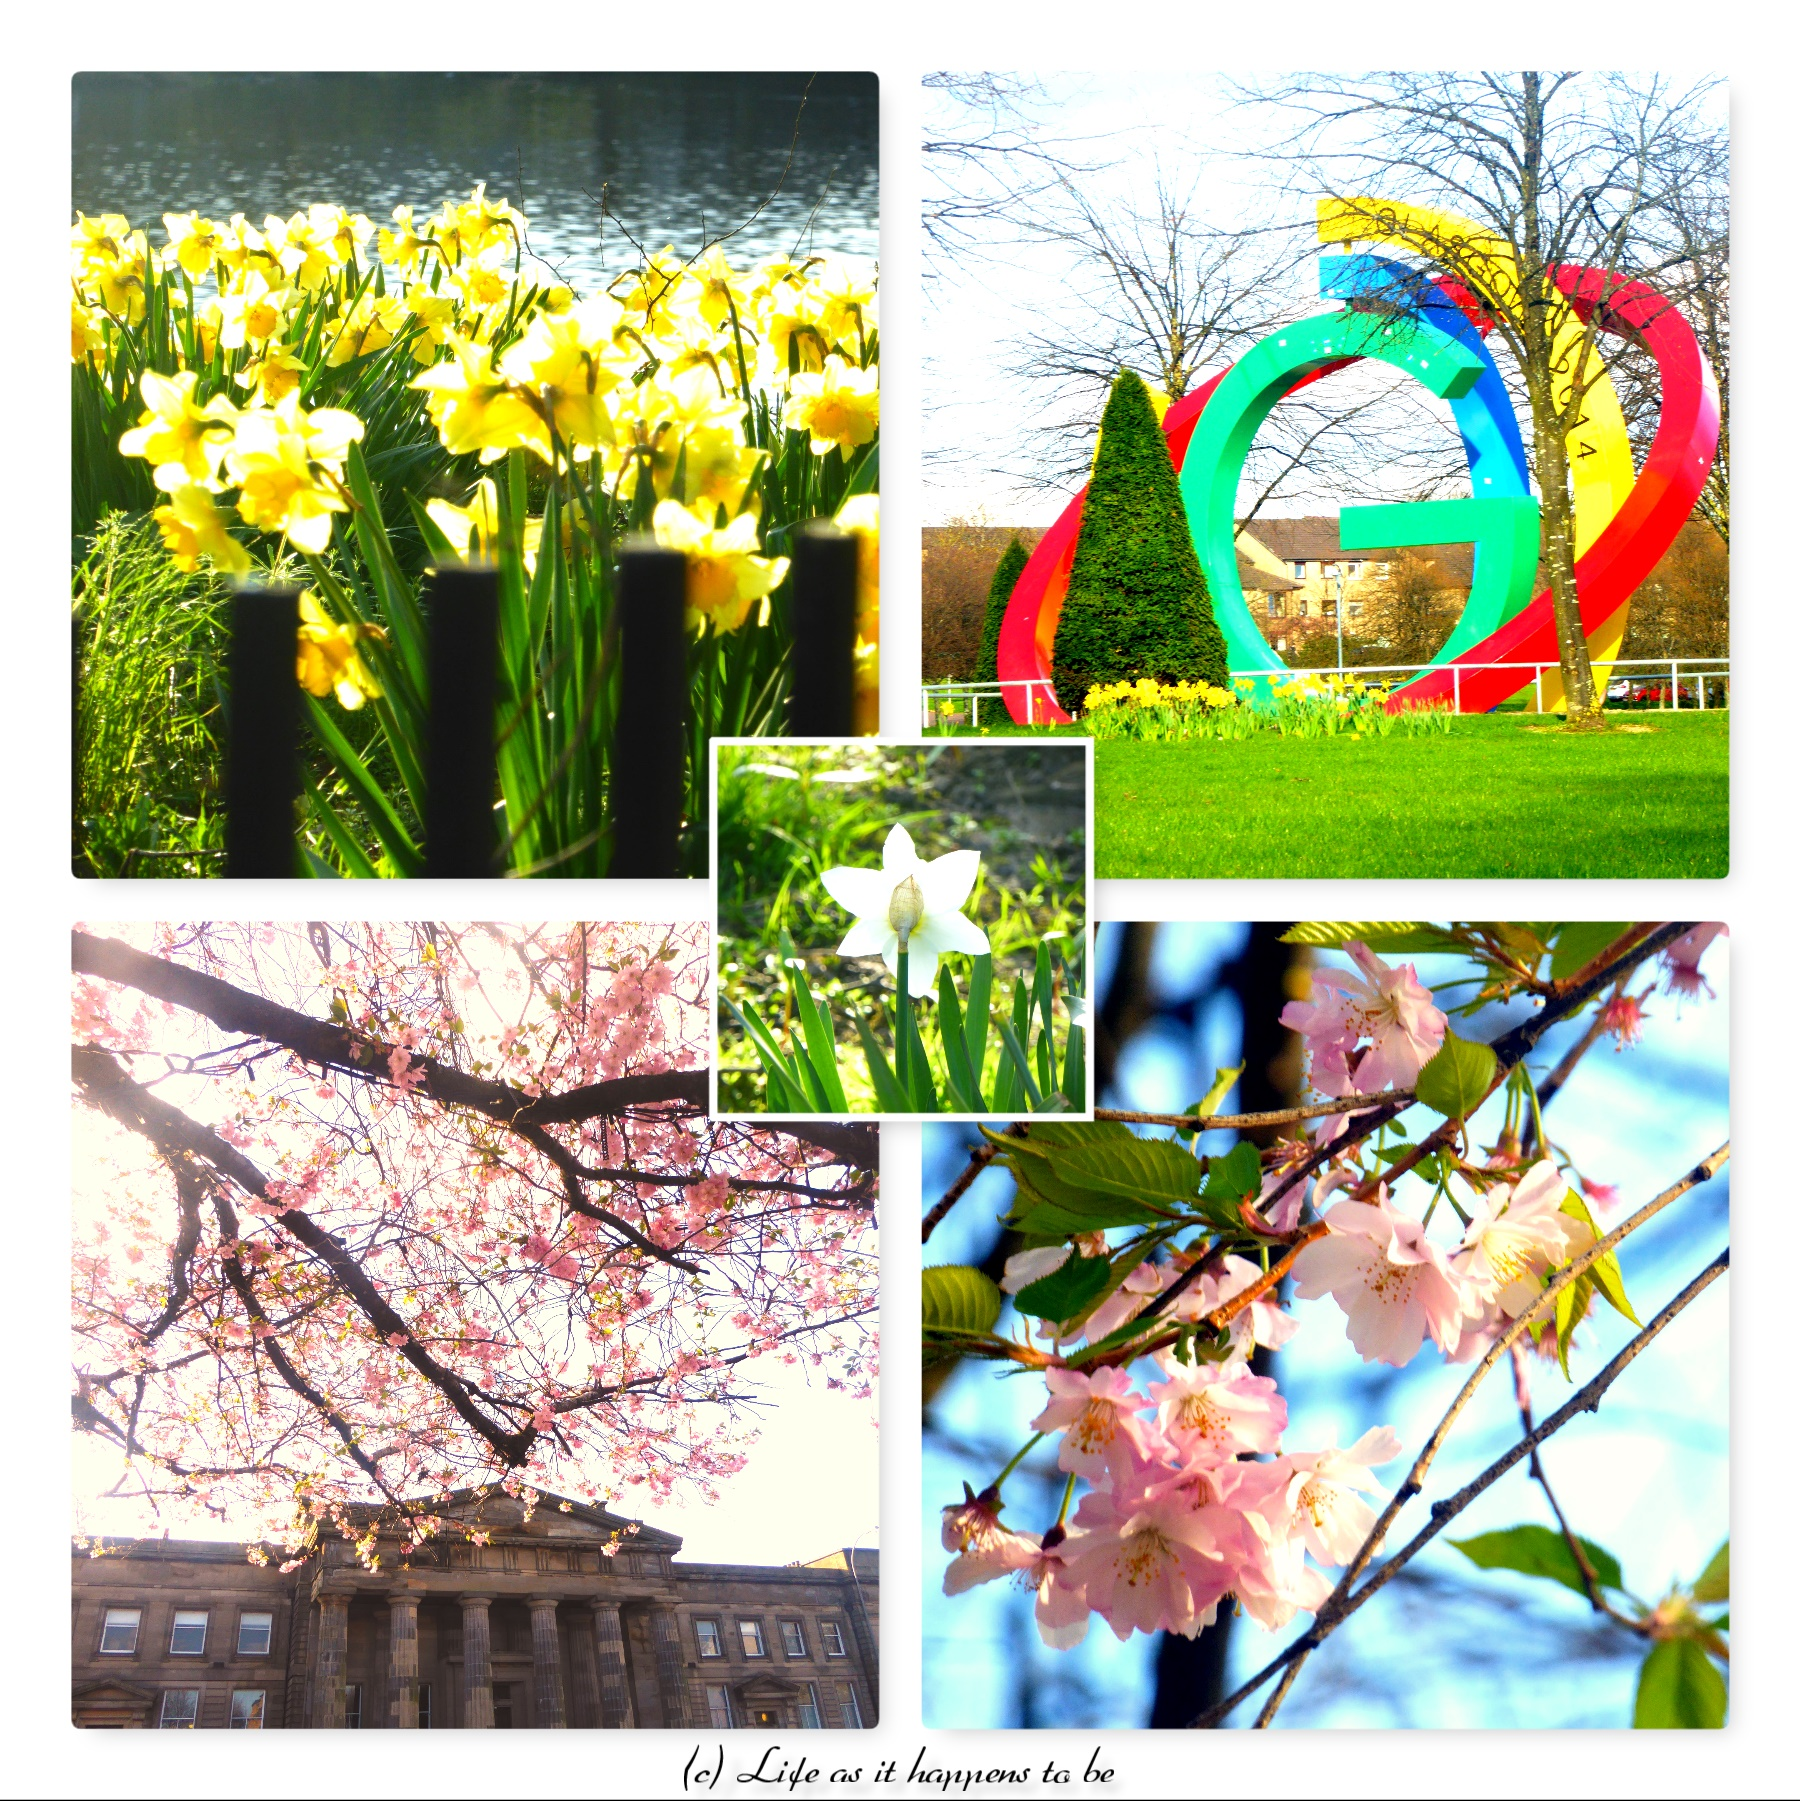 spring in Glasgow 20.04.18 blog collage.jpg